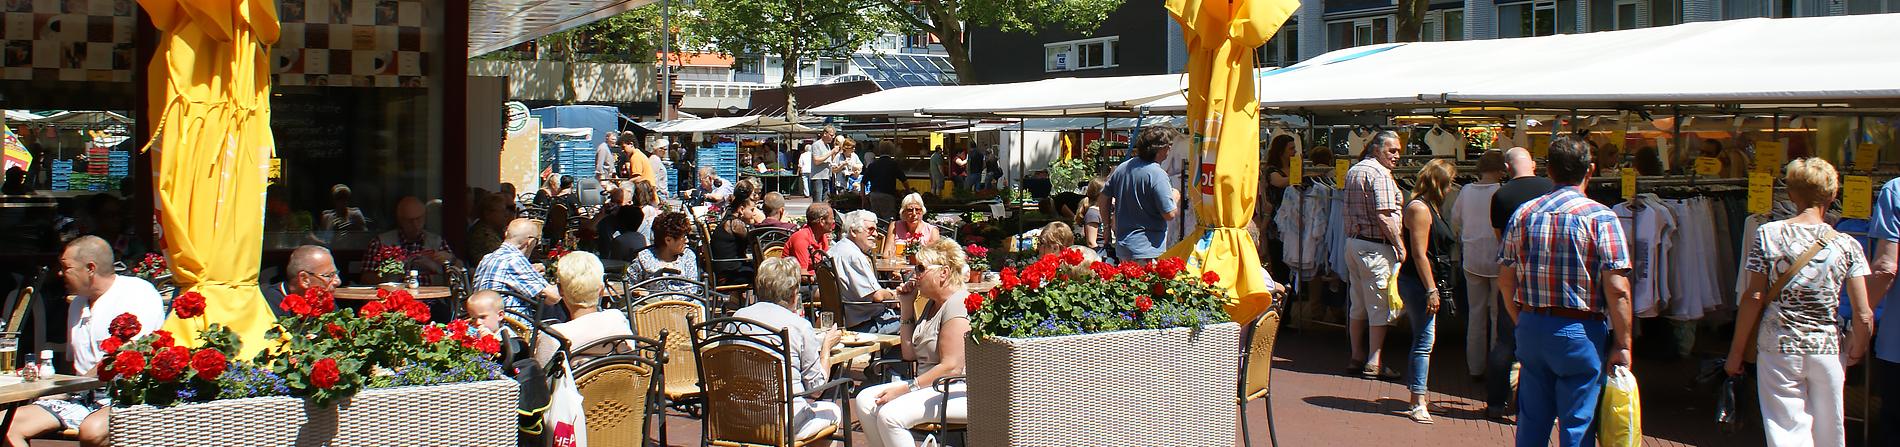 stadshart_vlaardingen_markt